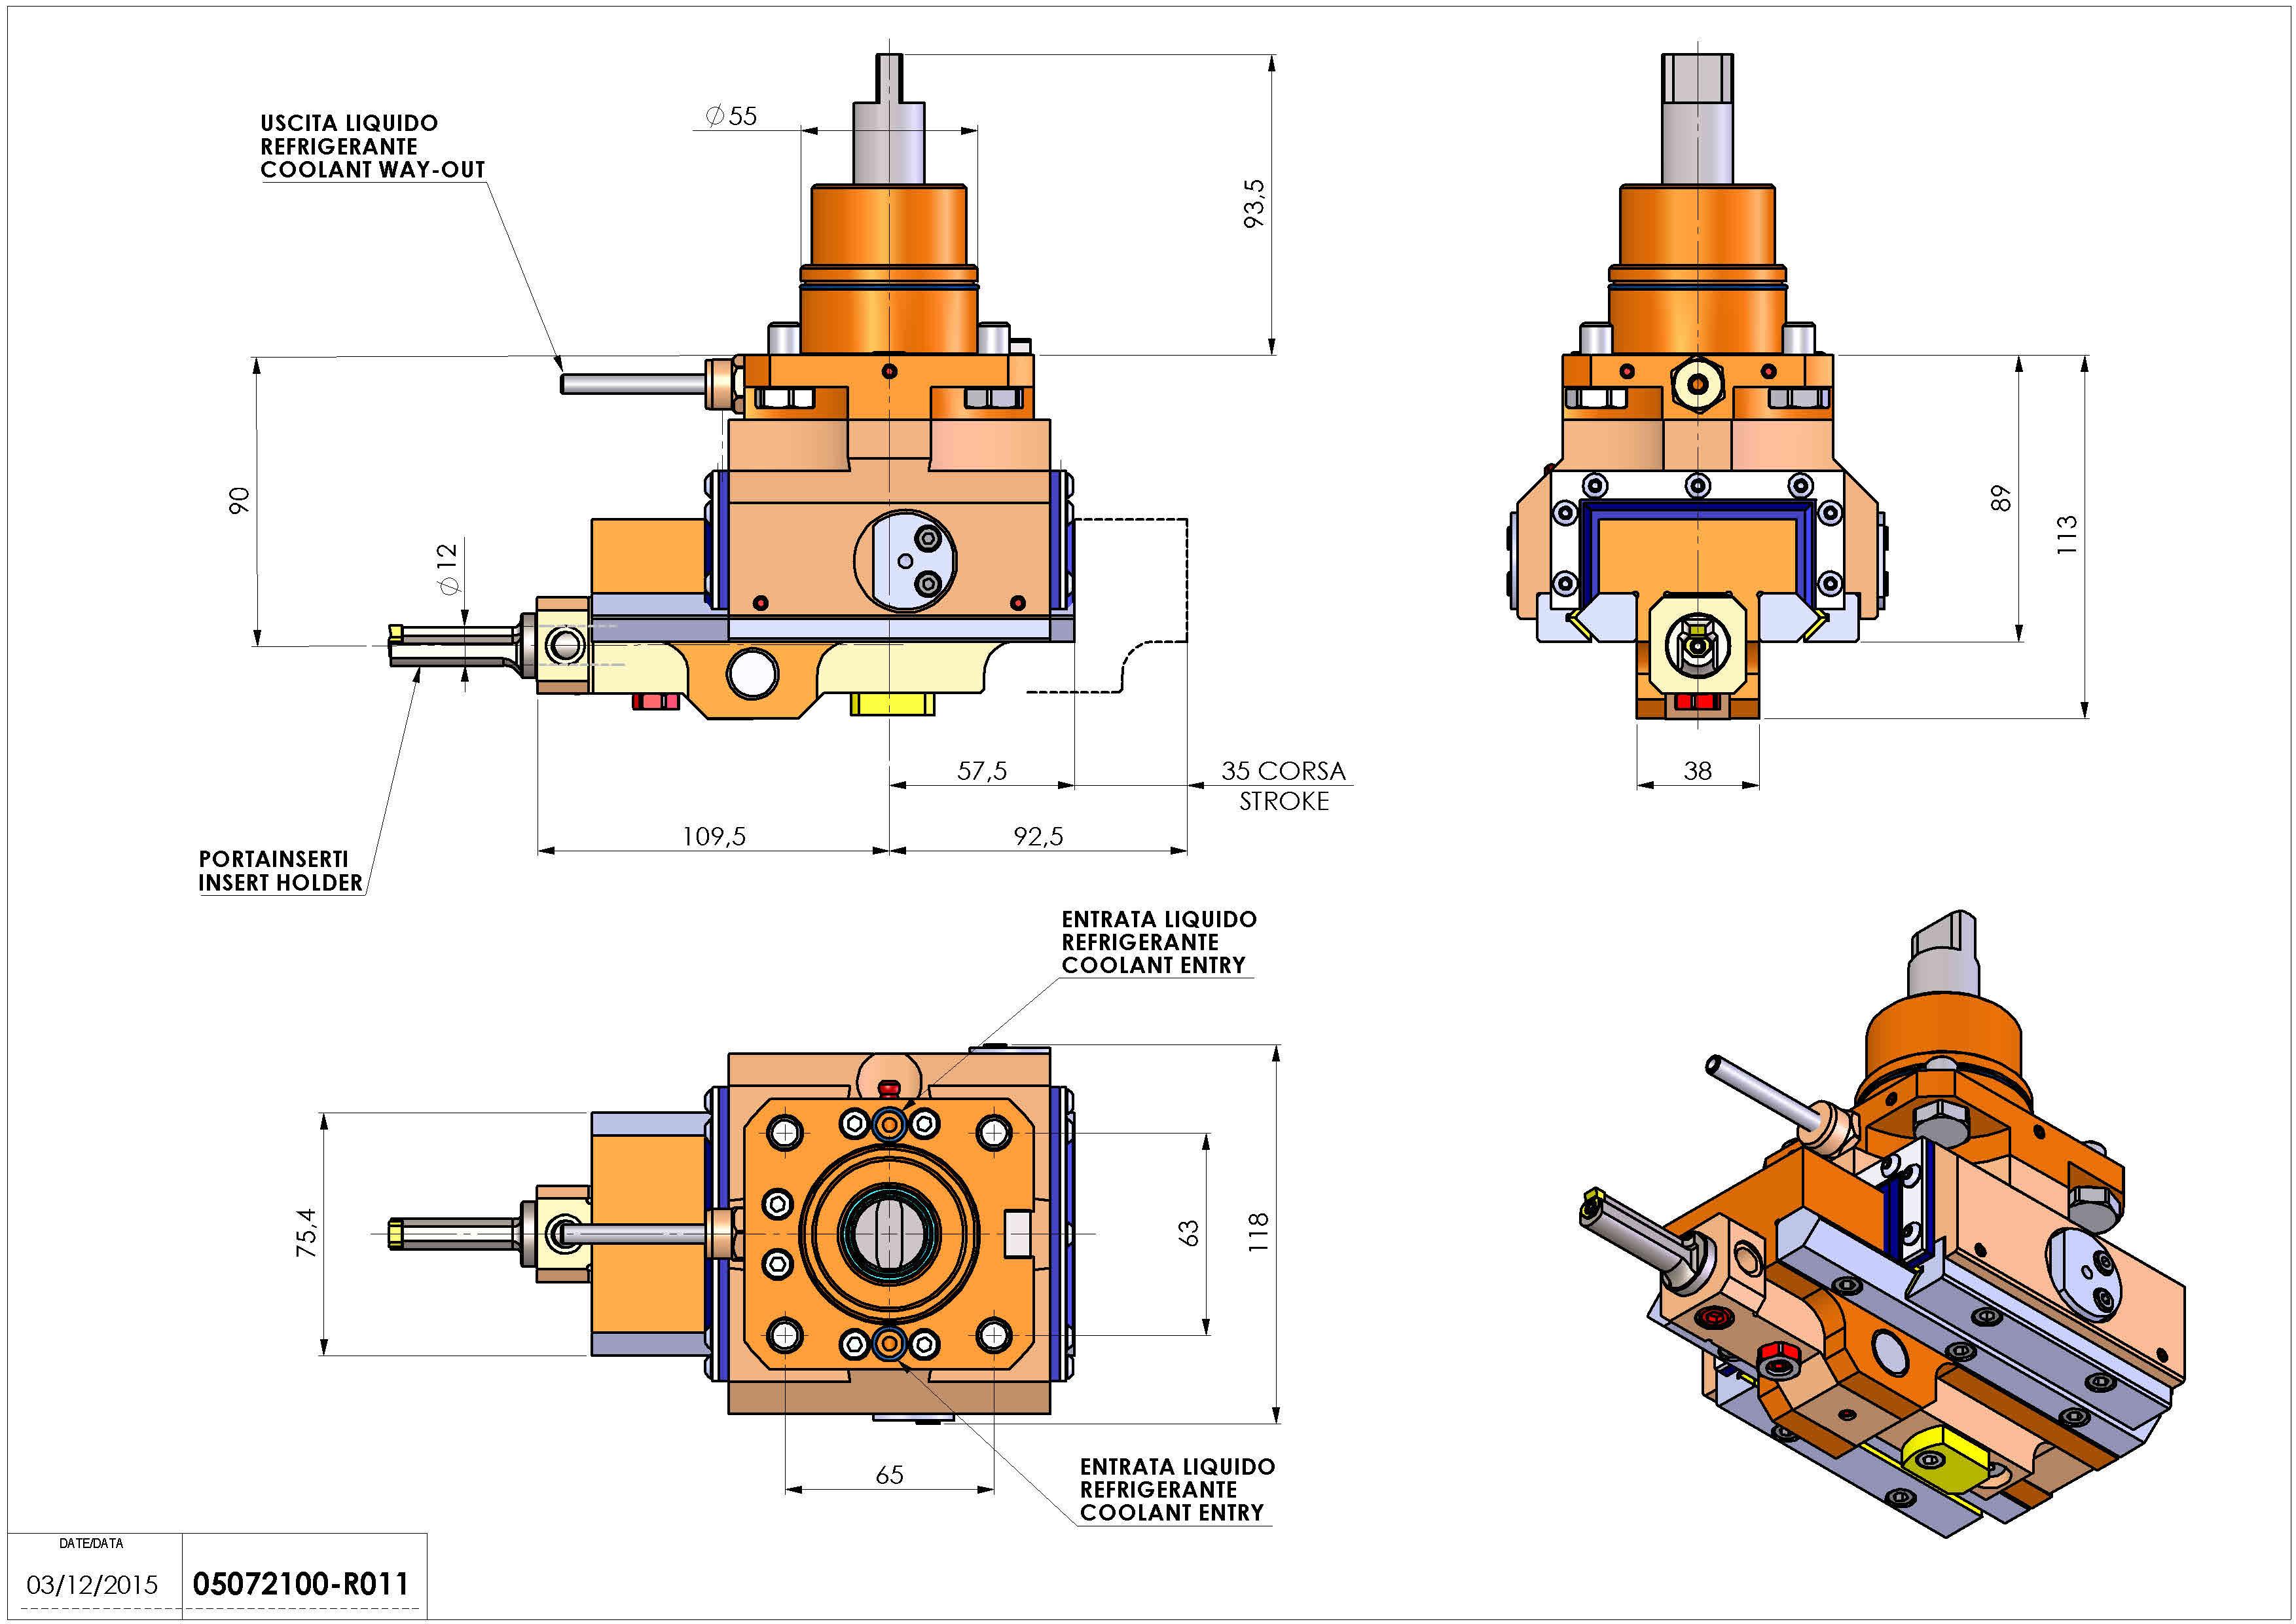 Technical image - LT-A ST35 D55 C12 H90 BI.